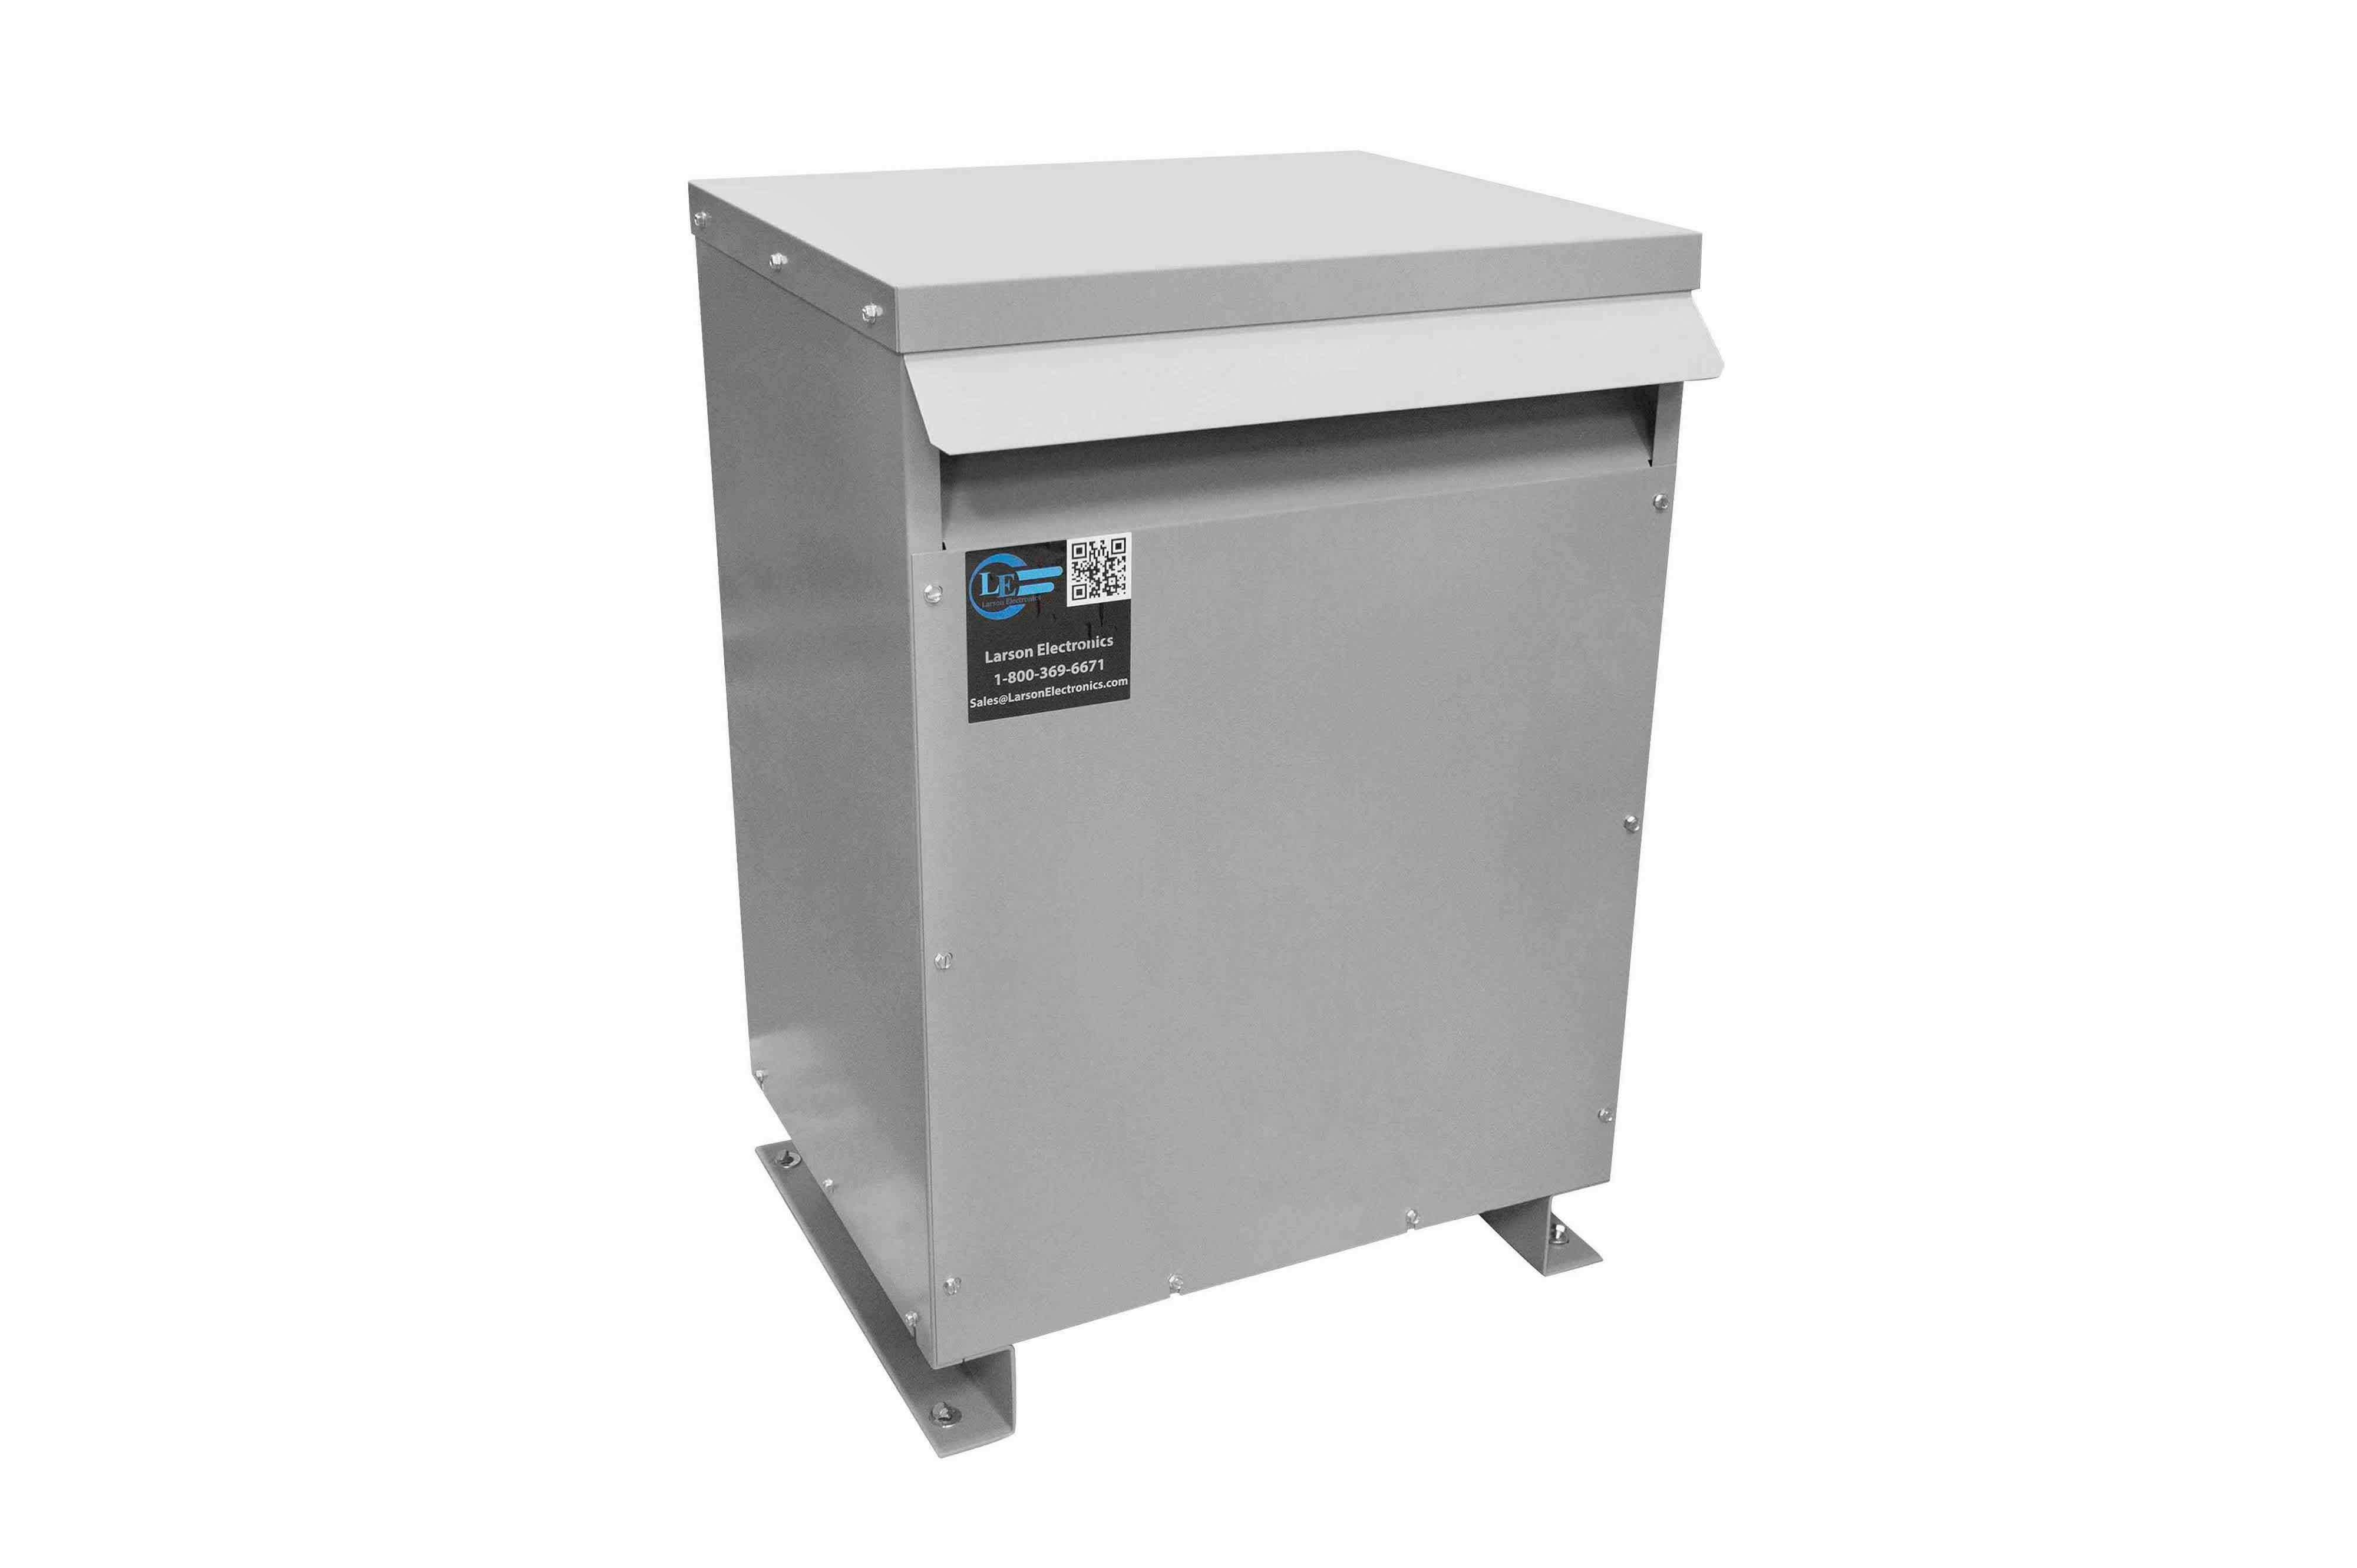 42.5 kVA 3PH Isolation Transformer, 230V Delta Primary, 208V Delta Secondary, N3R, Ventilated, 60 Hz